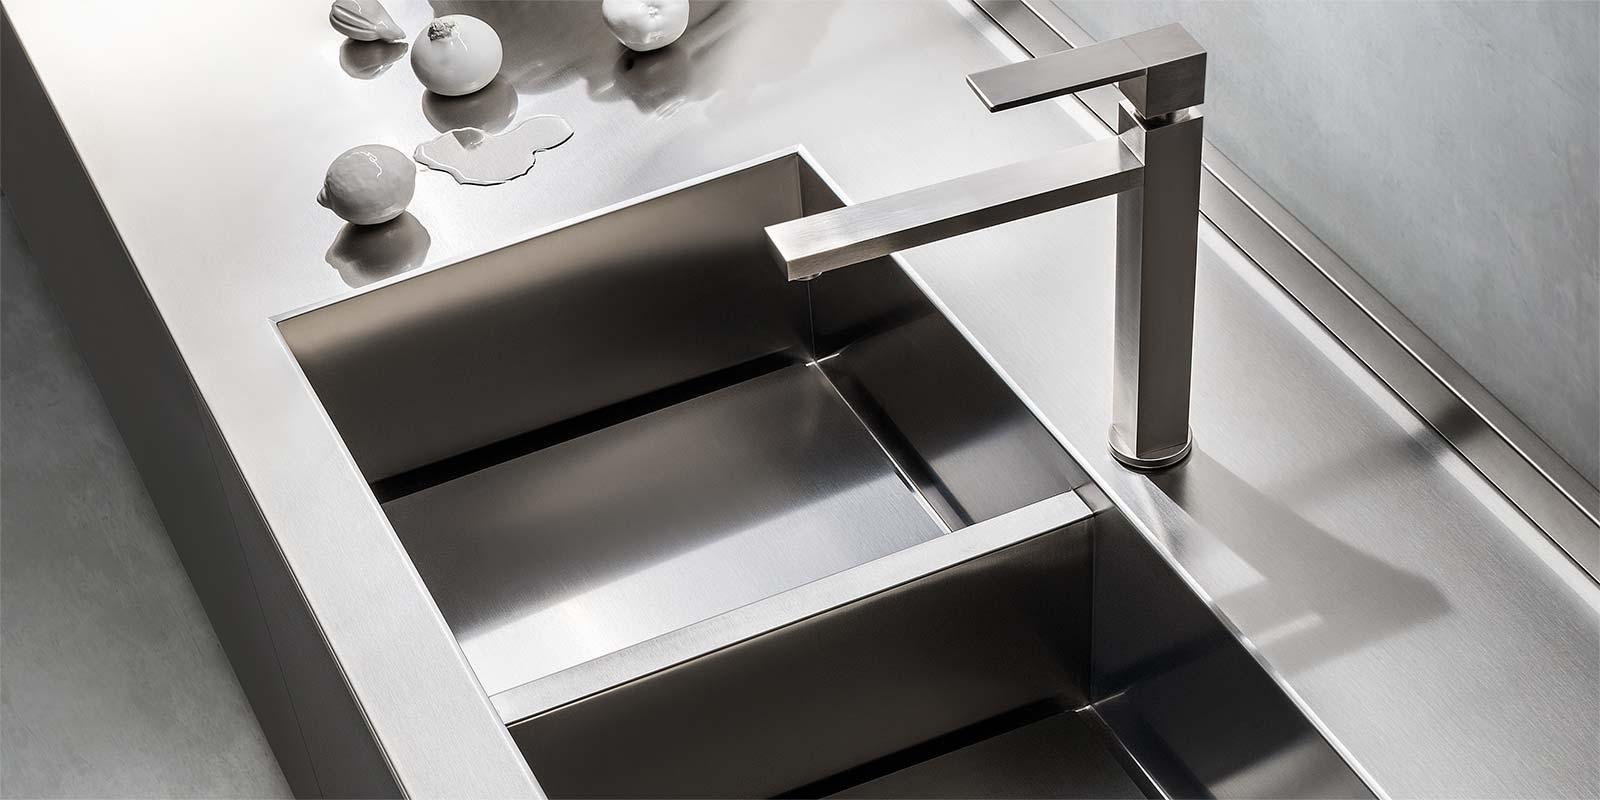 top-cucina-acciaio-inox-lavello-fuso | Arredare con stile